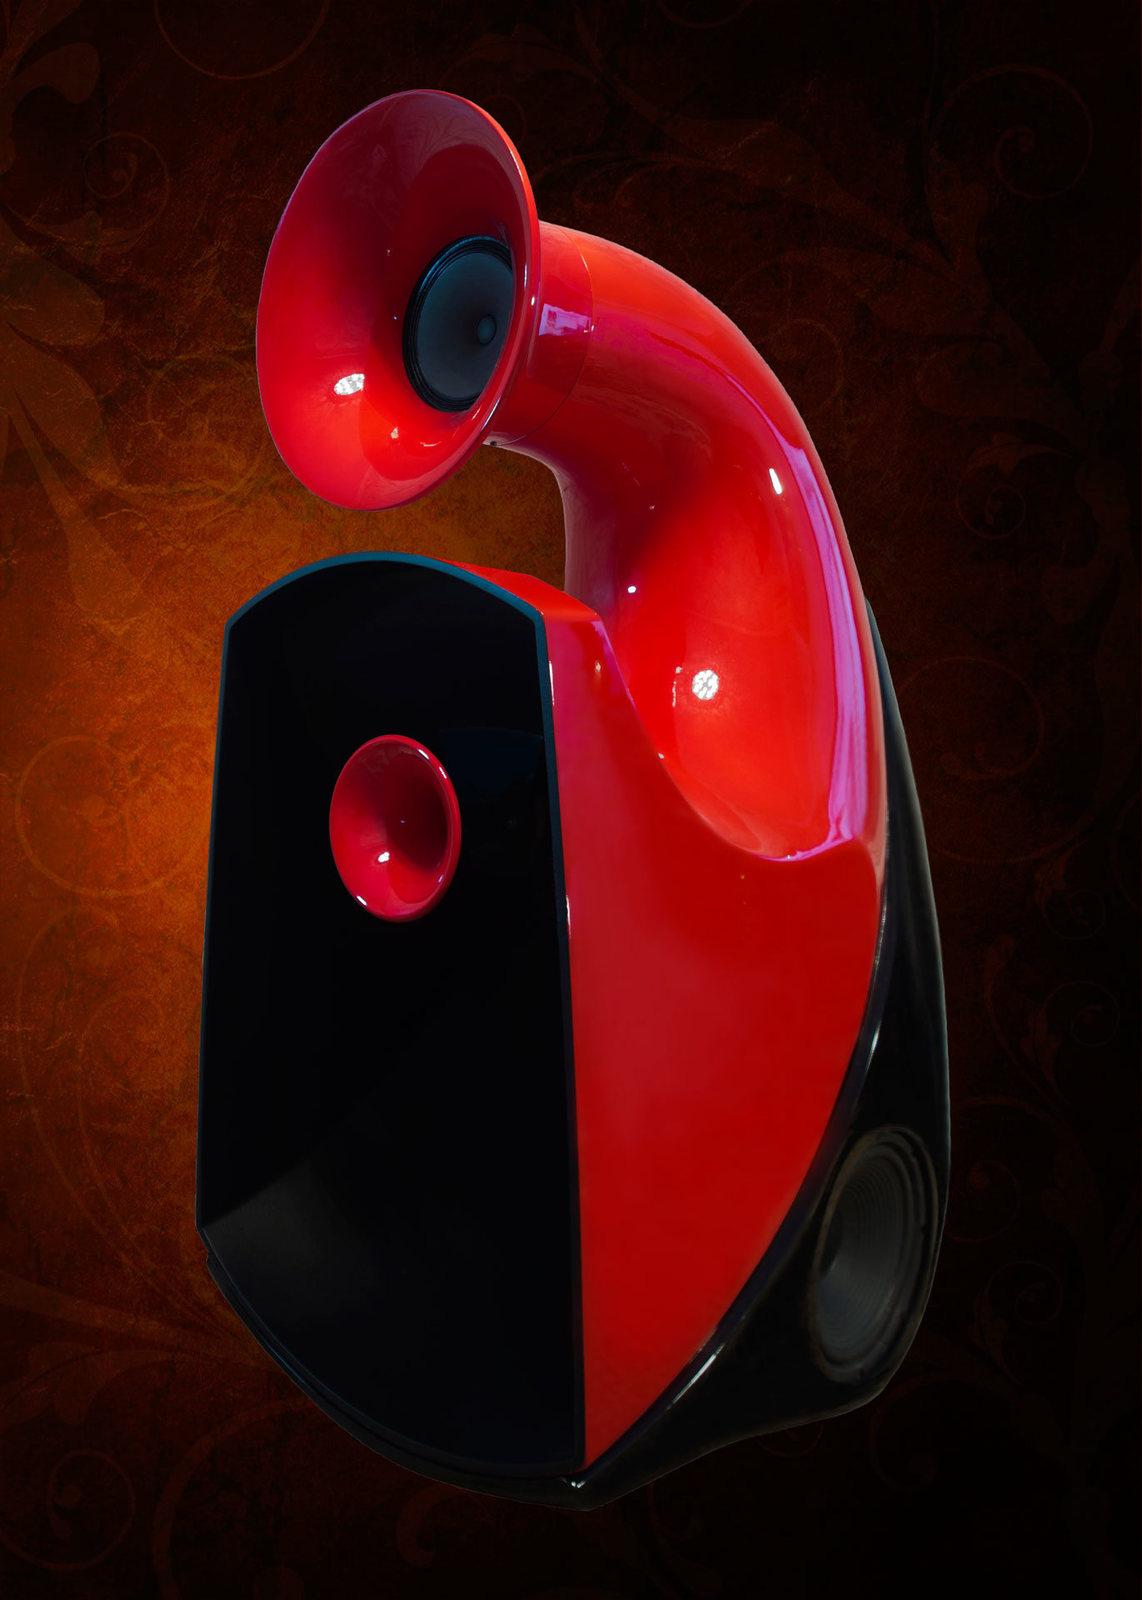 1835281348_Delta-Acoustics-1.jpg.1ff29fd99a20856790cf5758da90a938 (1).jpg